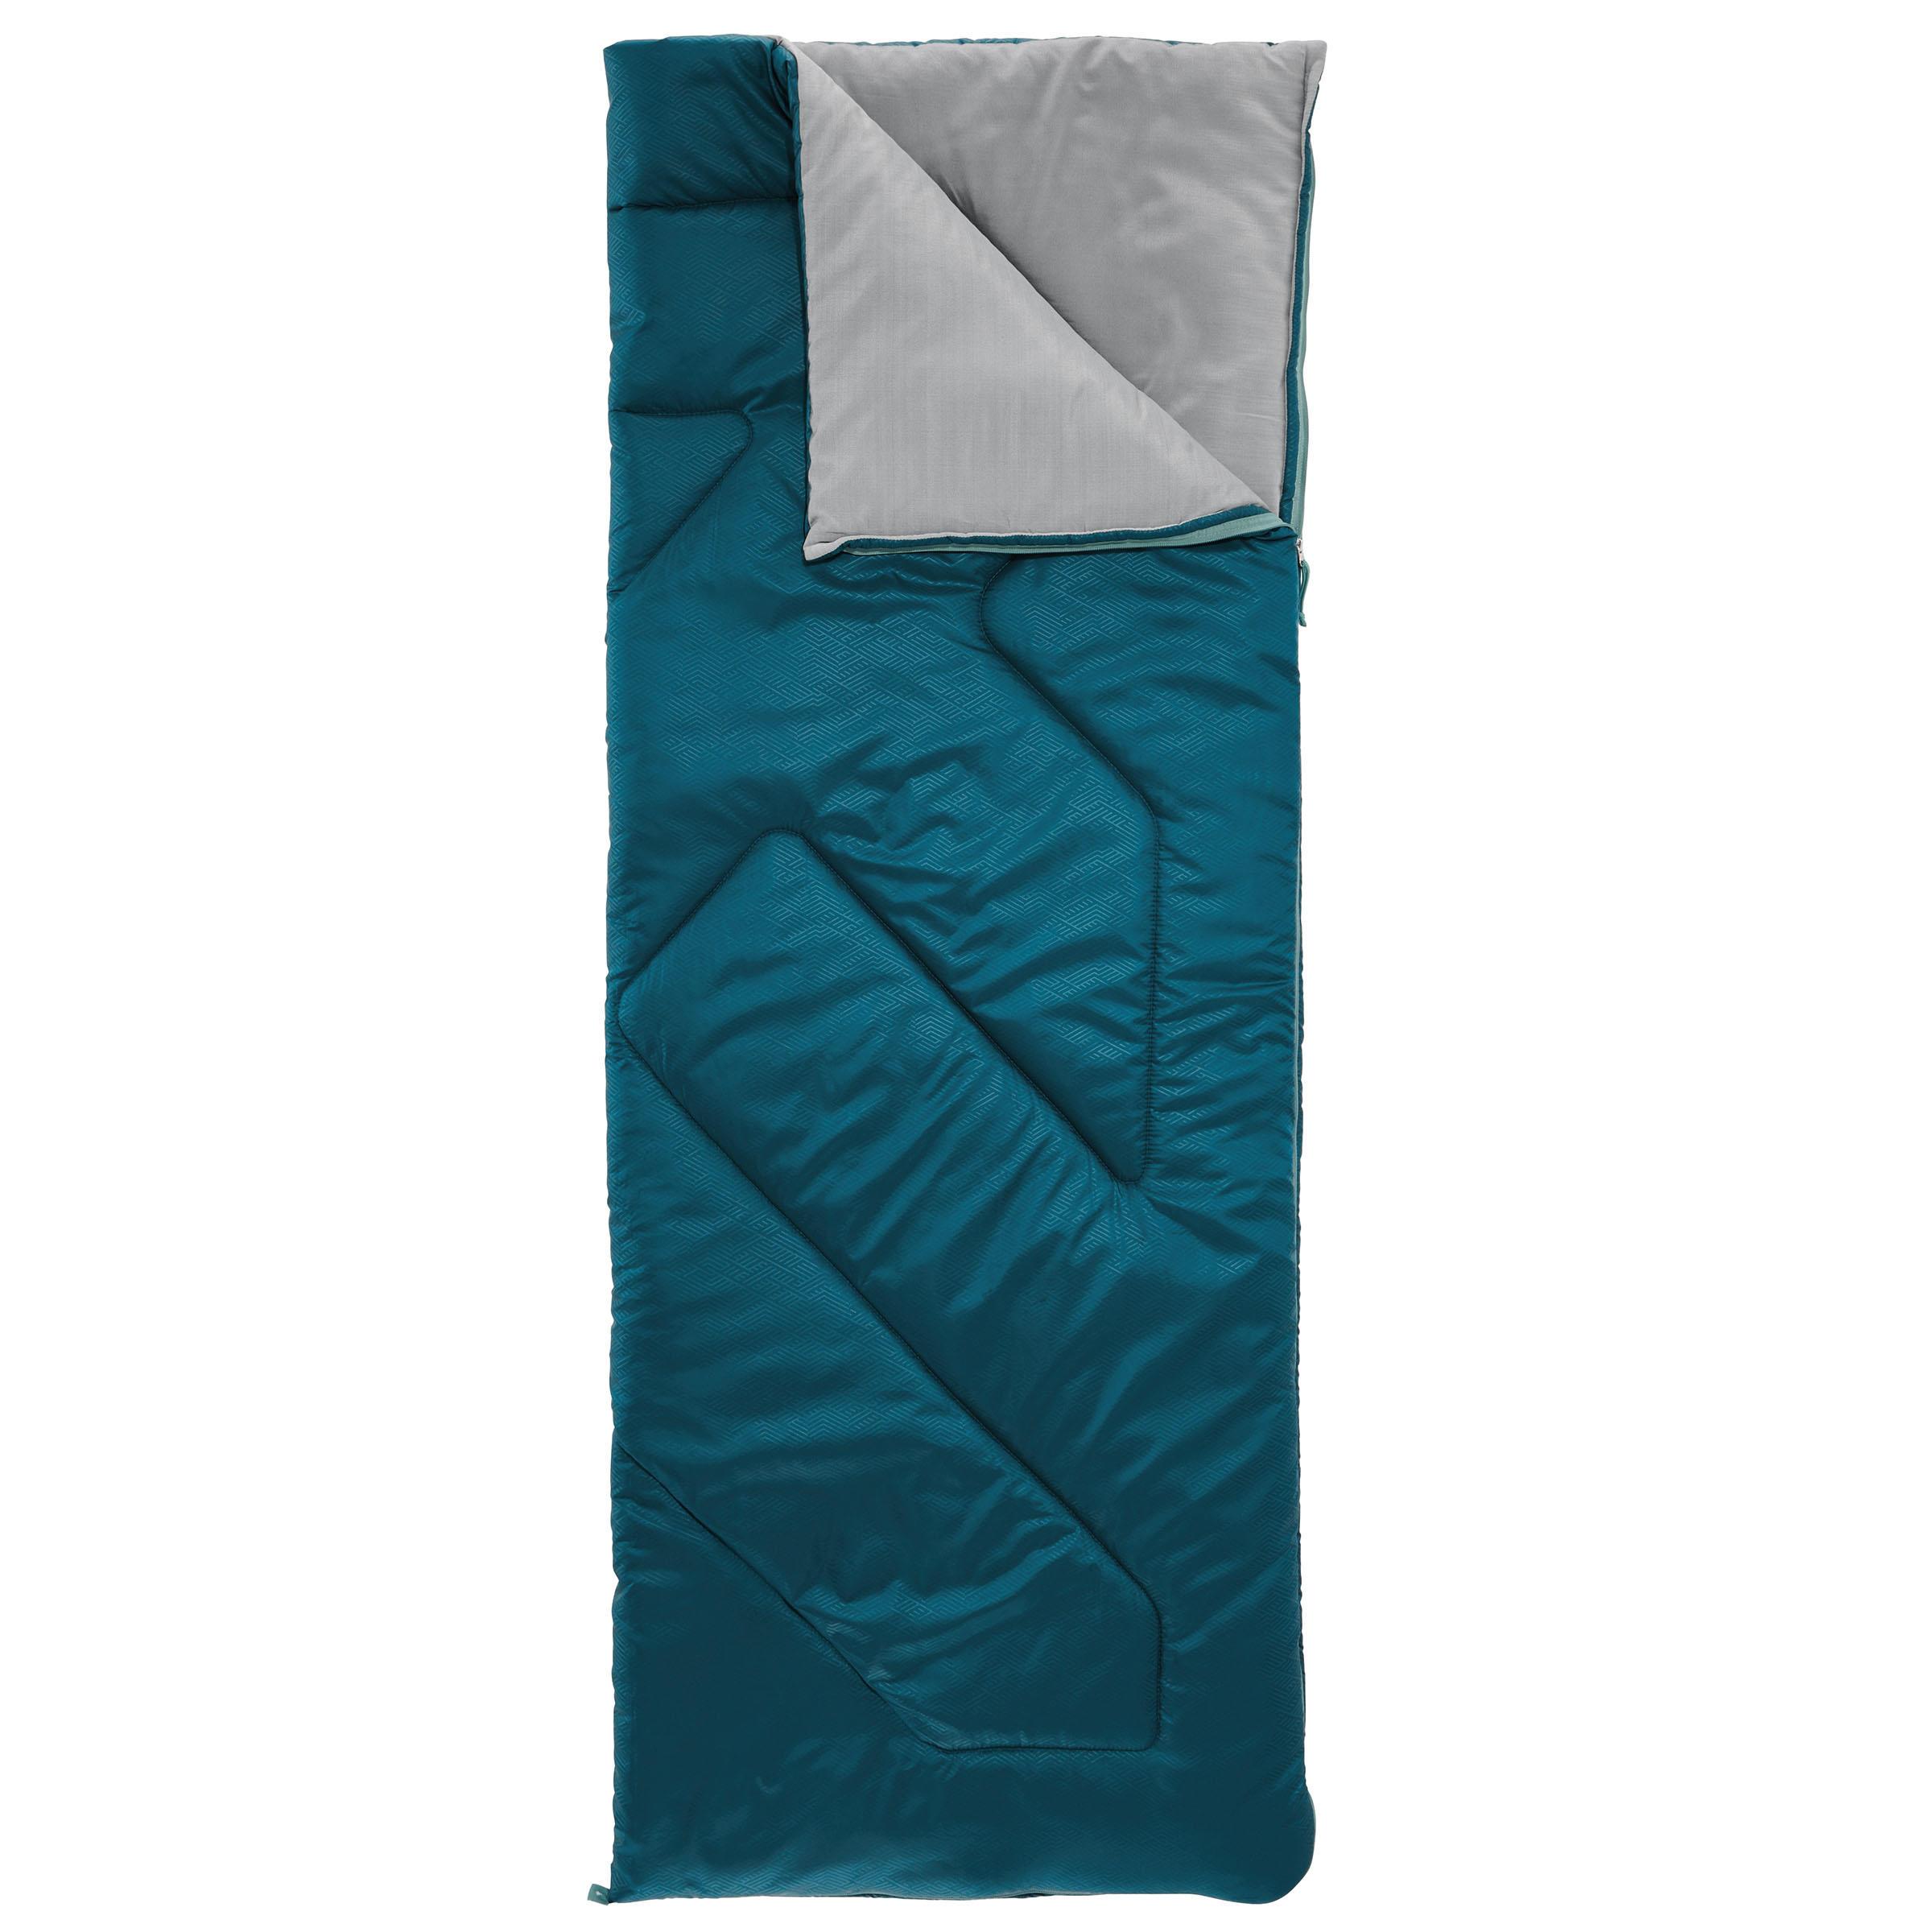 Sac de dormit Arpenaz 10°